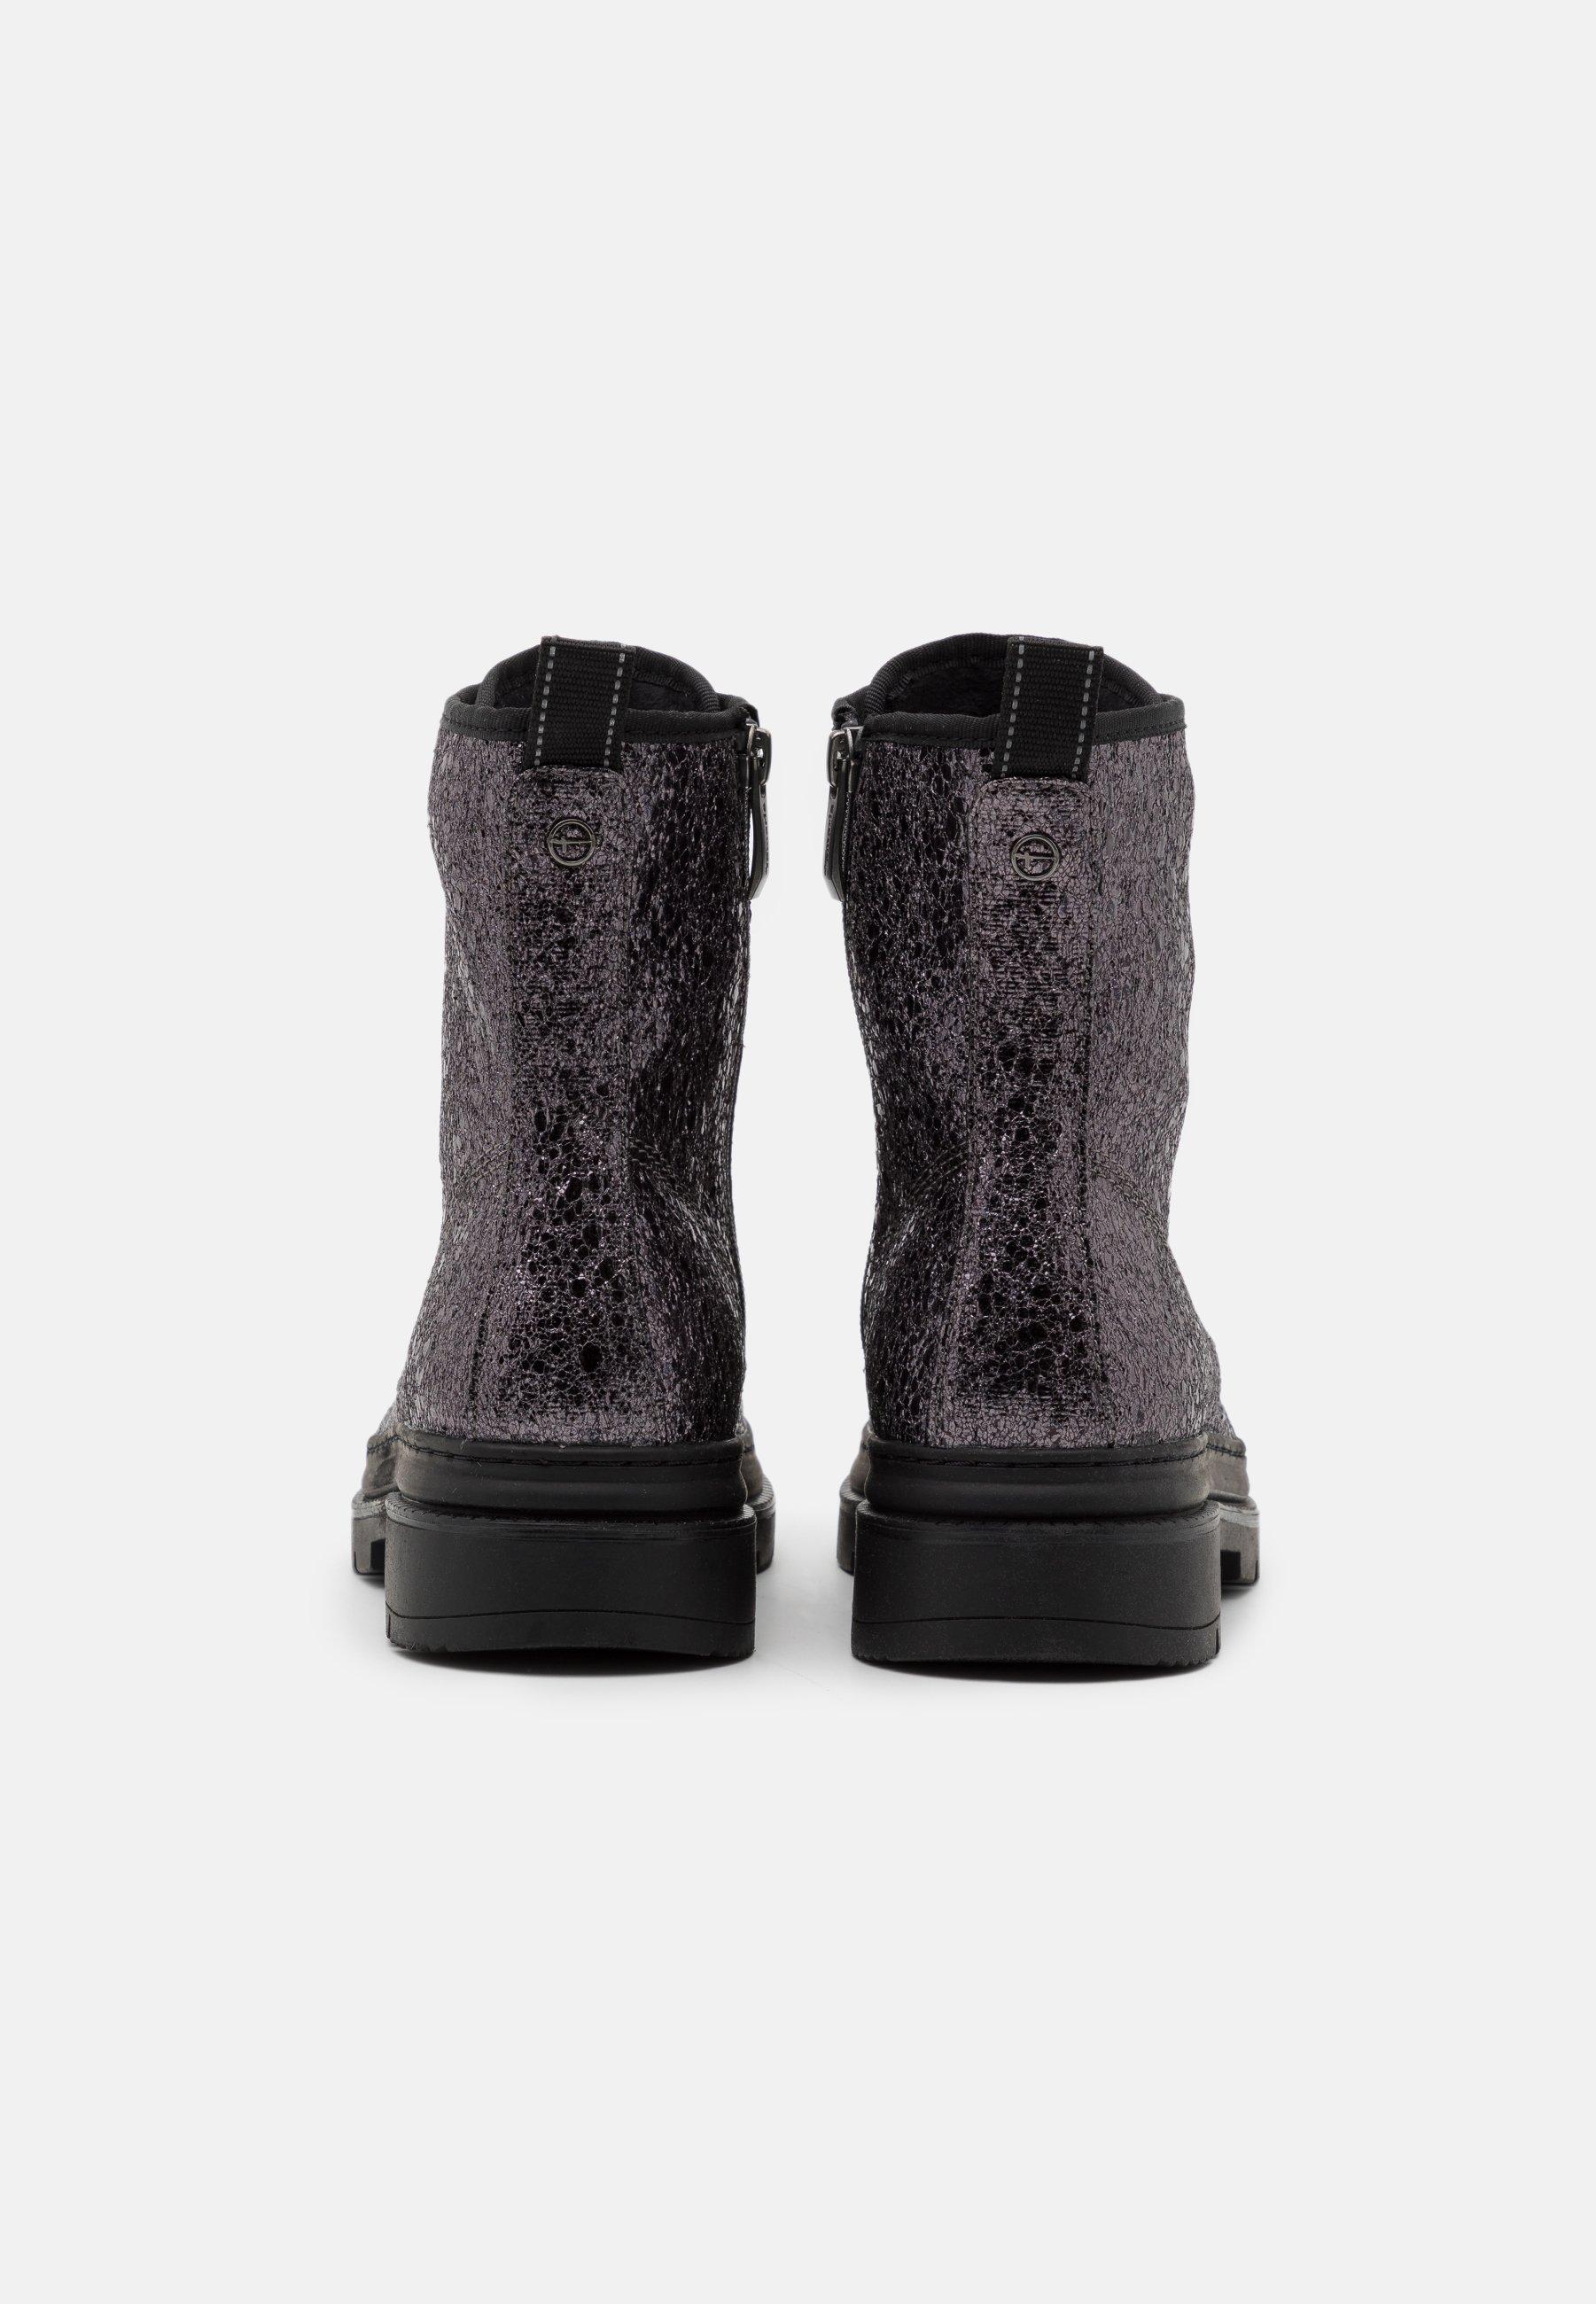 Tamaris Boots - Schnürstiefelette Pewter/silber